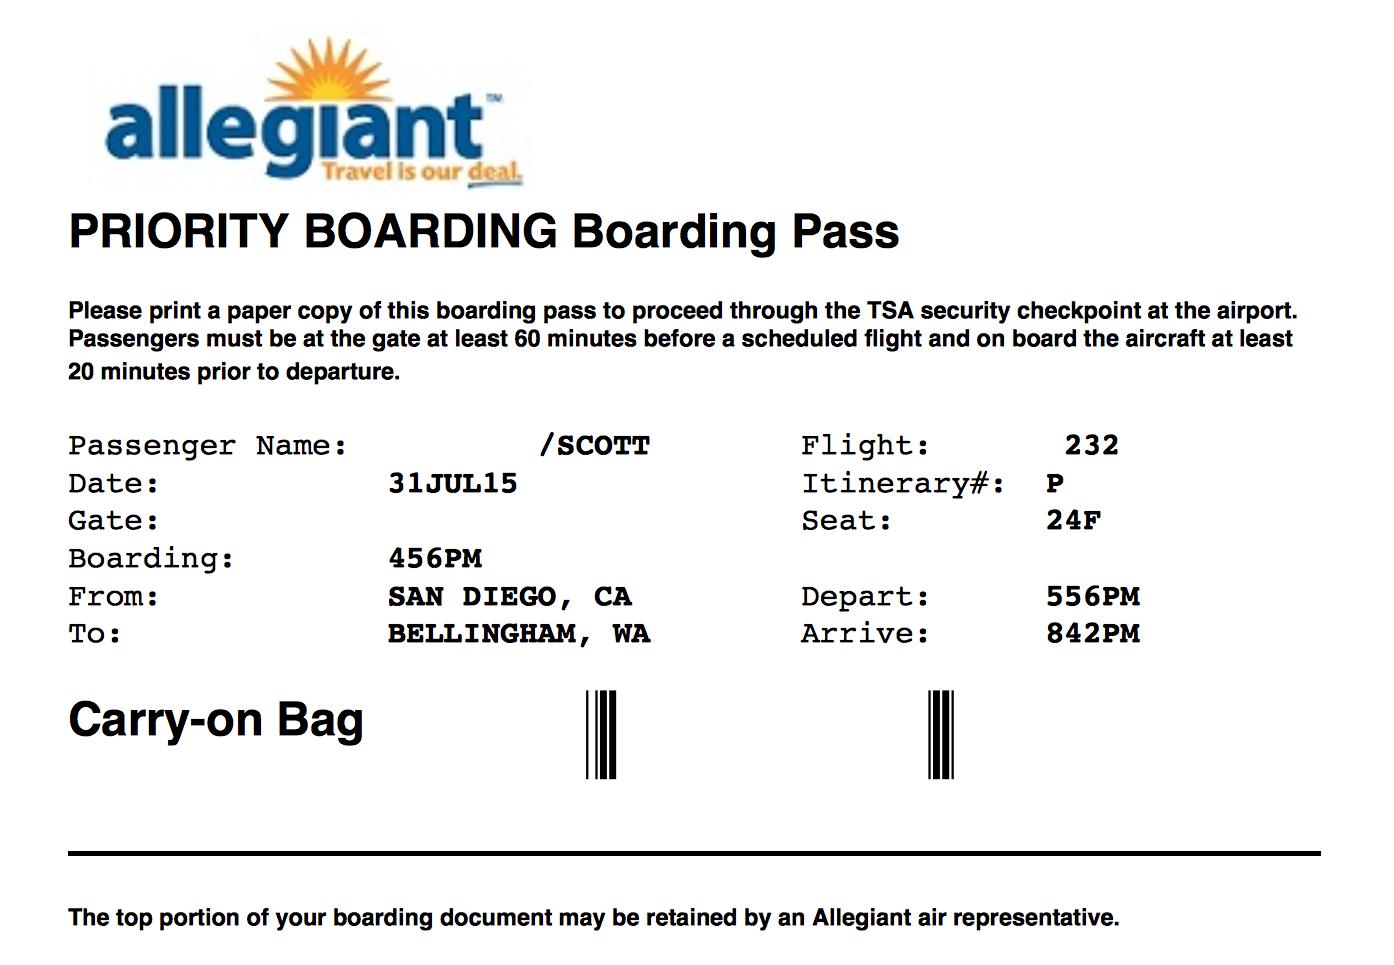 Tsa Precheck Allegiant Air A319 San Diego Ca To Bellingham Wa